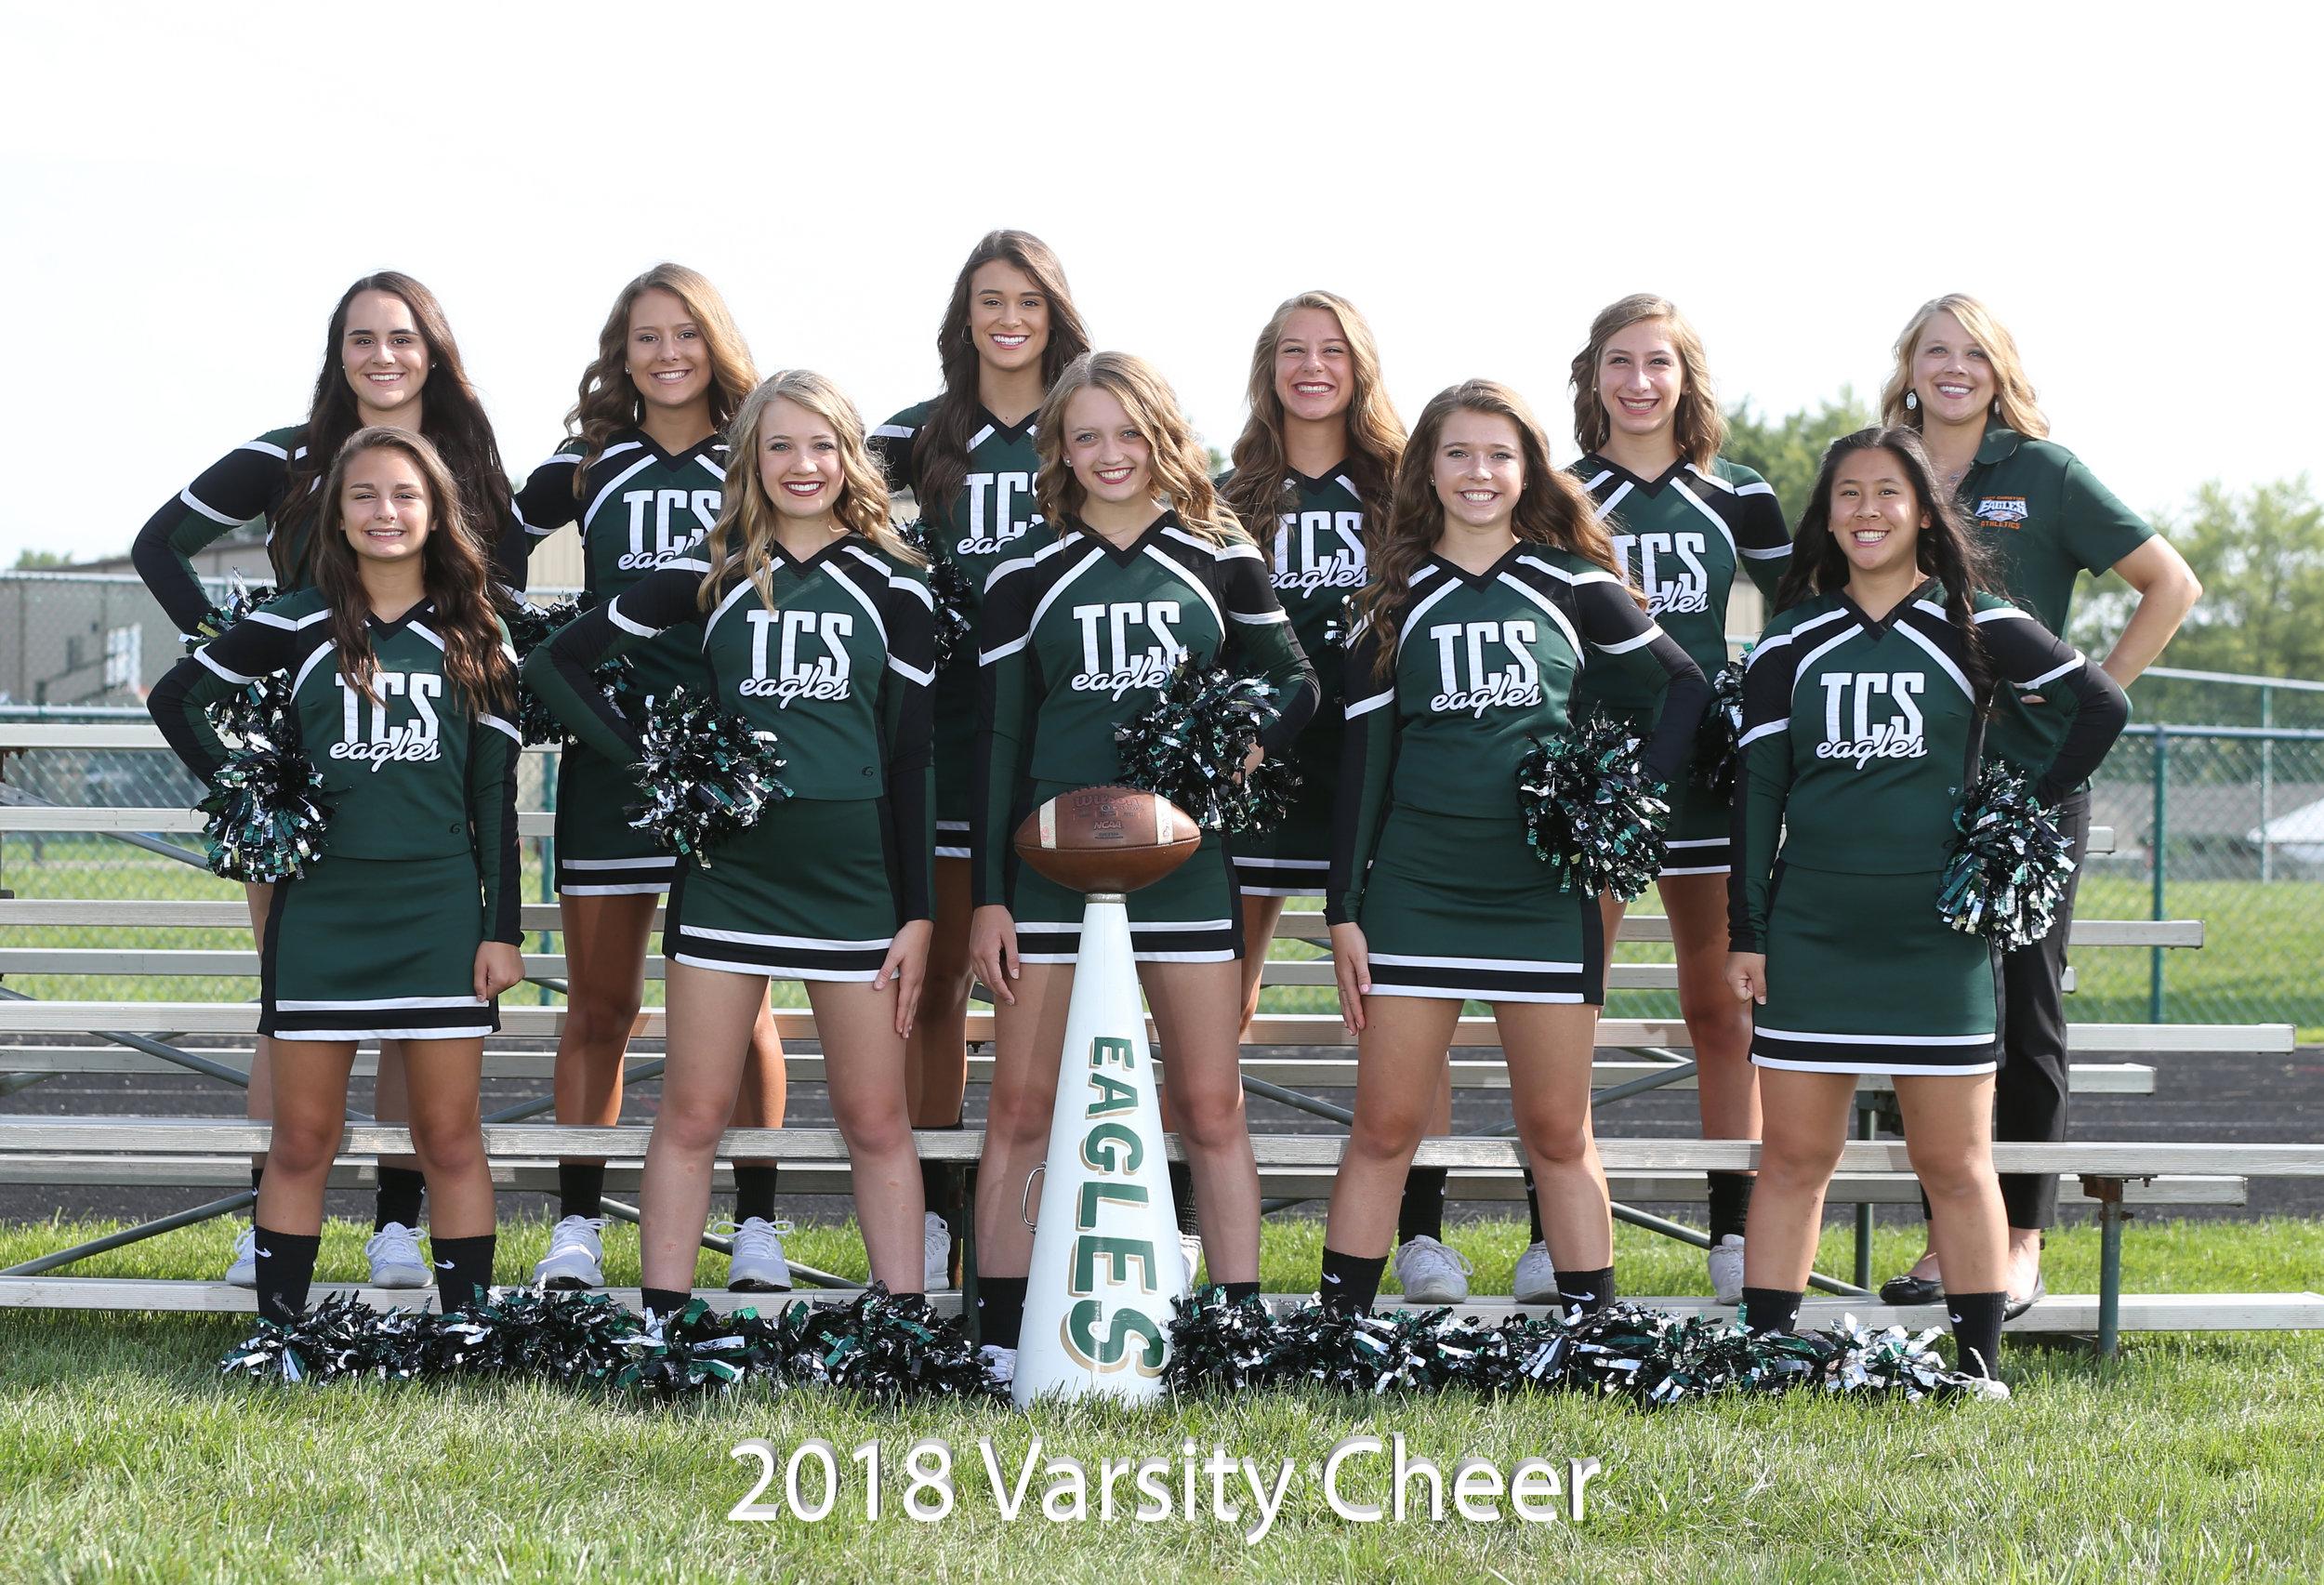 2017 Varsity Football Cheerleaders